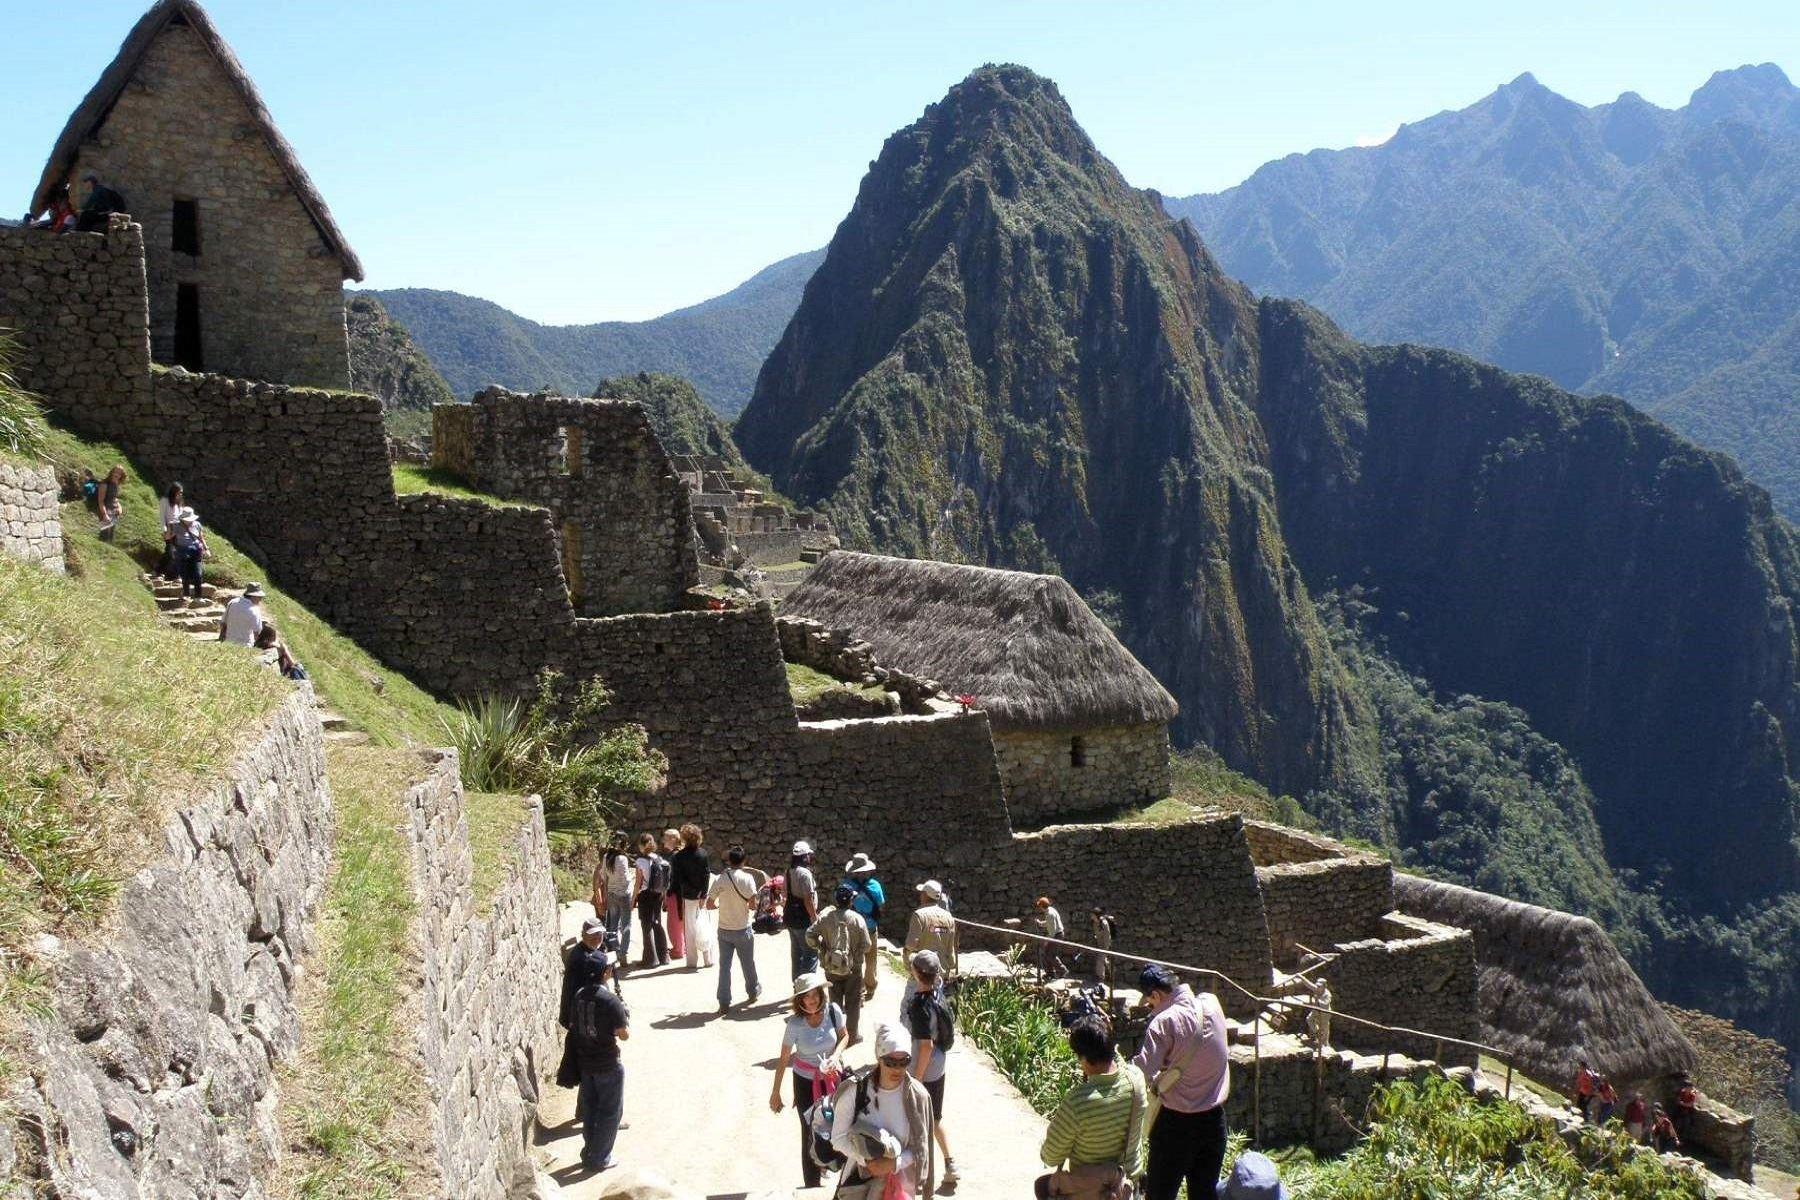 La imponente belleza de Machu Picchu seduce a los turistas. ANDINA/Percy Hurtado Santillán